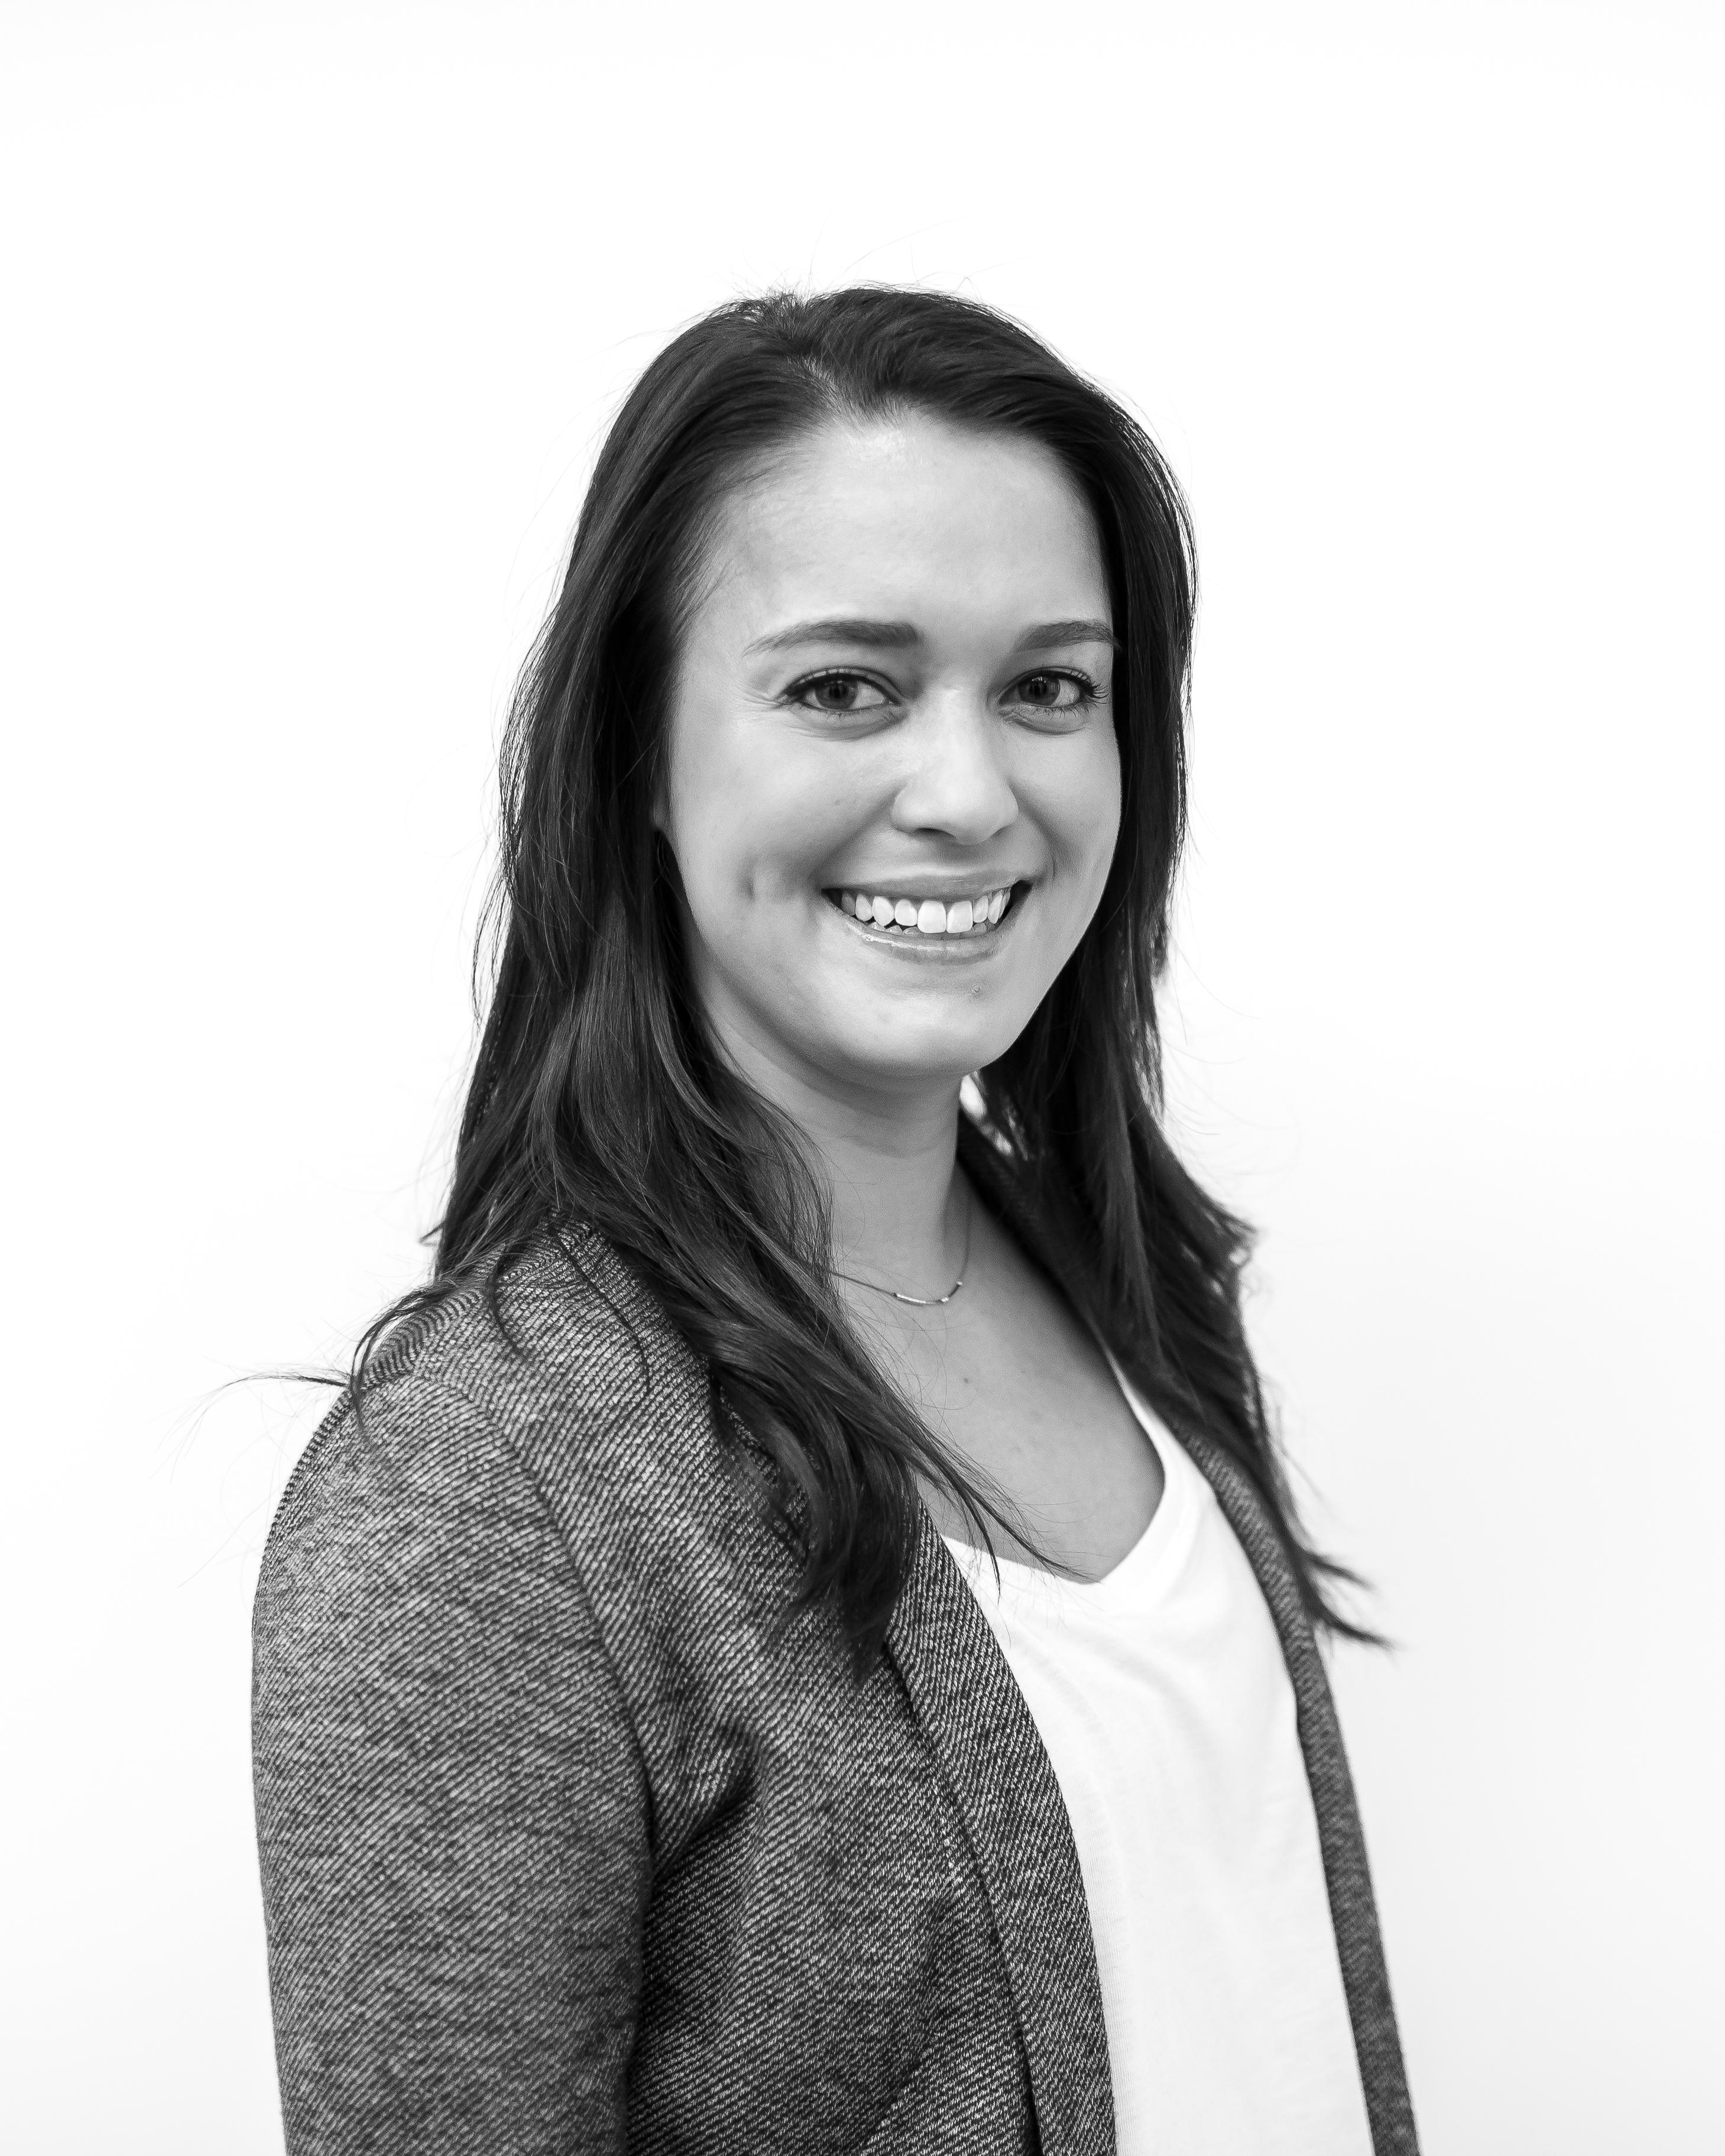 Sarah Lowe - Board Member